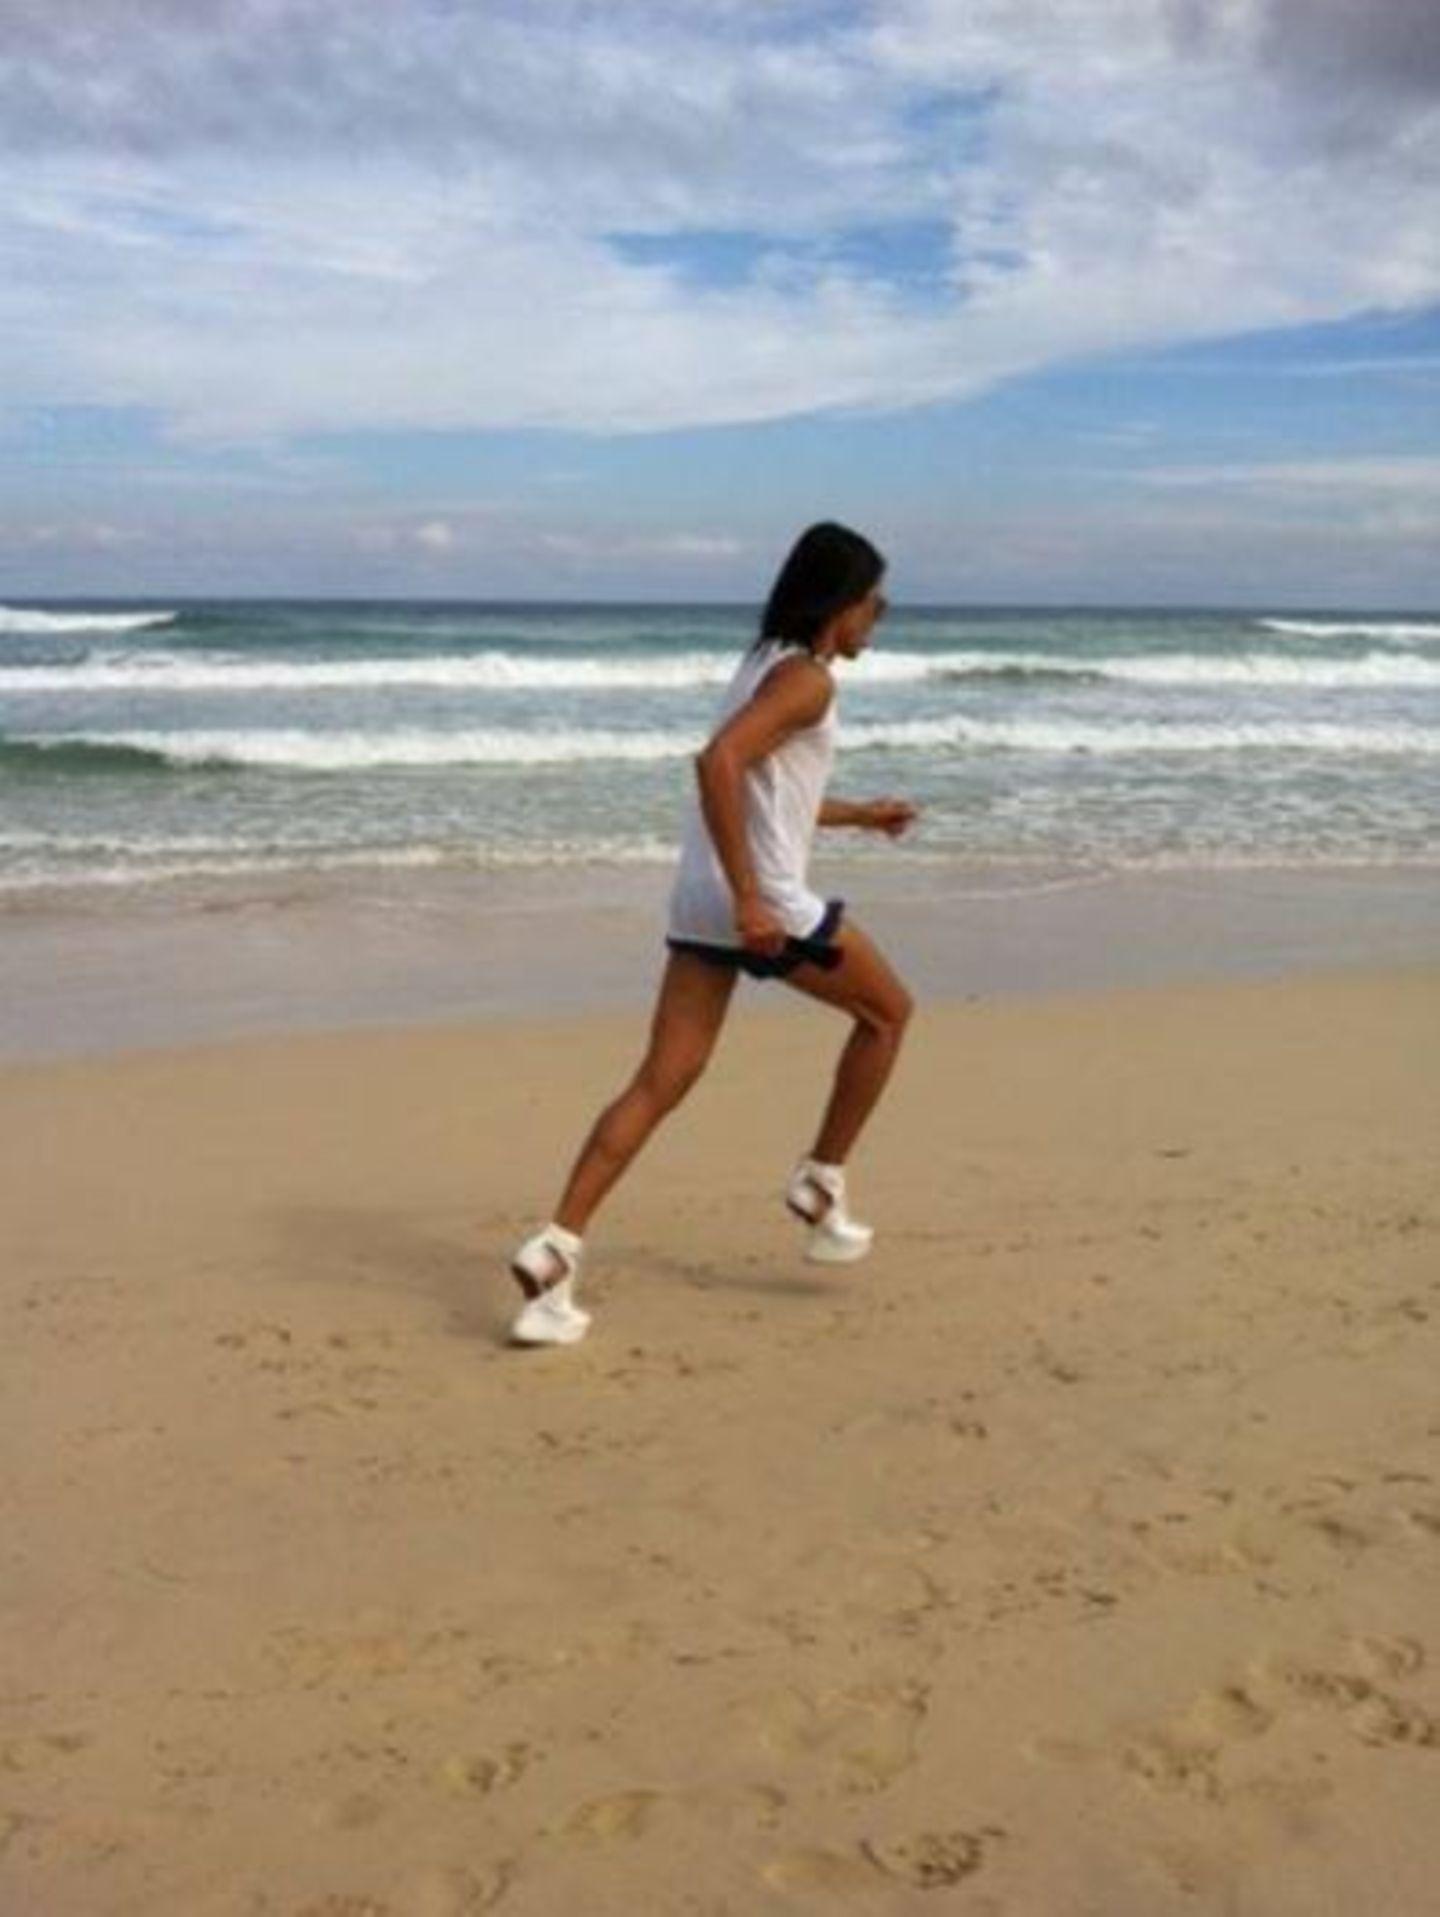 November 2013  Jorge Gonzalez legt einen Sprint am Strand hin - in High Heels natürlich.